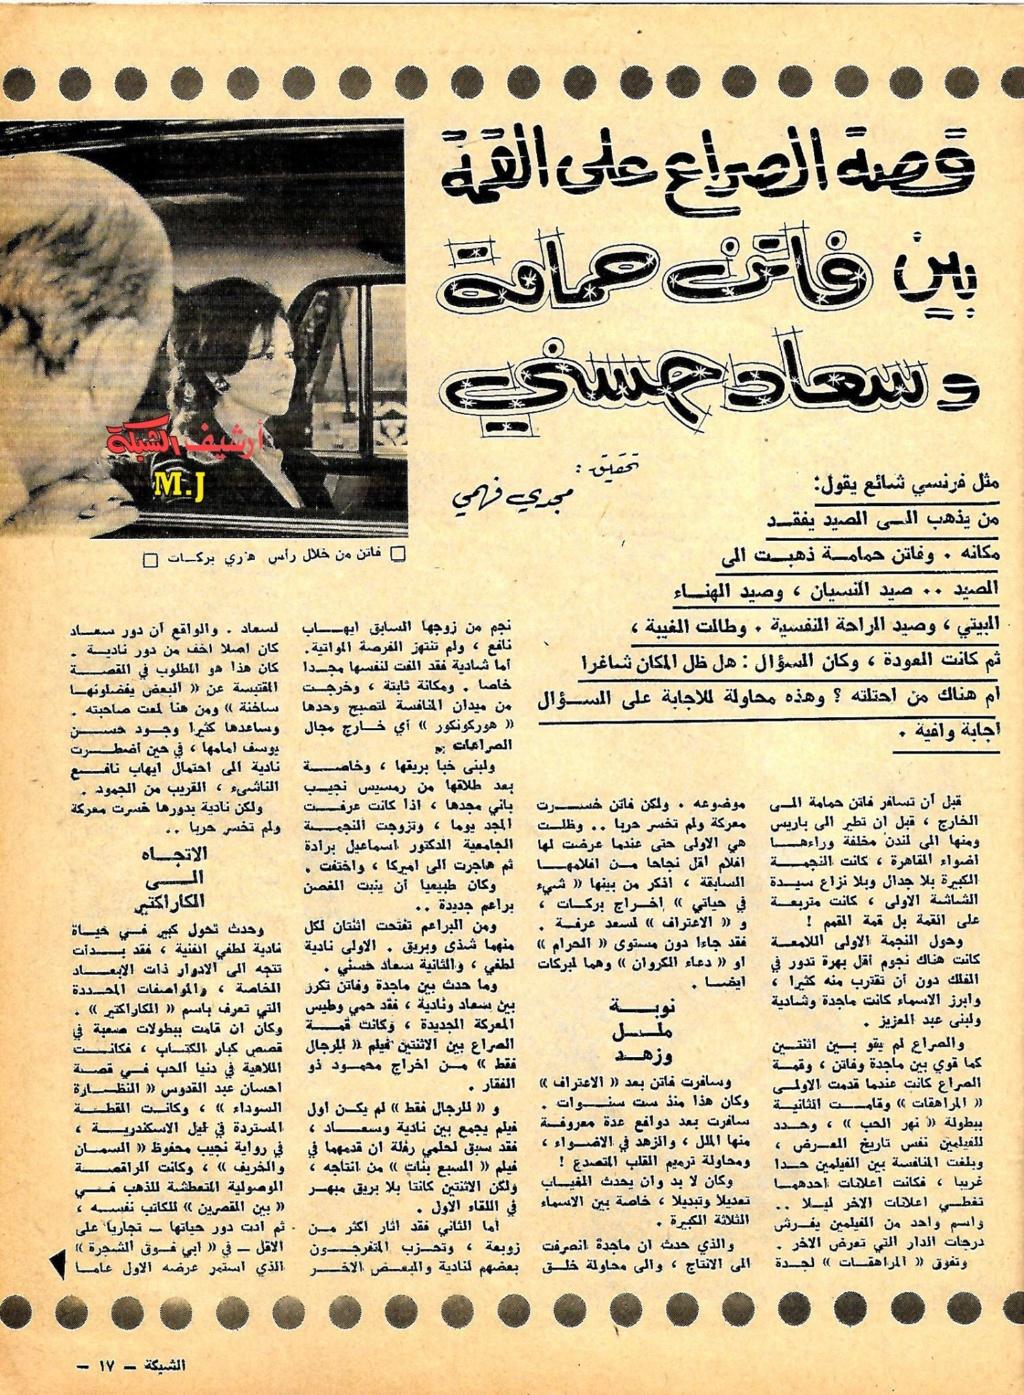 مقال صحفي : قصة الصراع على القمة بين فاتن حمامة وسعاد حسني 1970 م 215